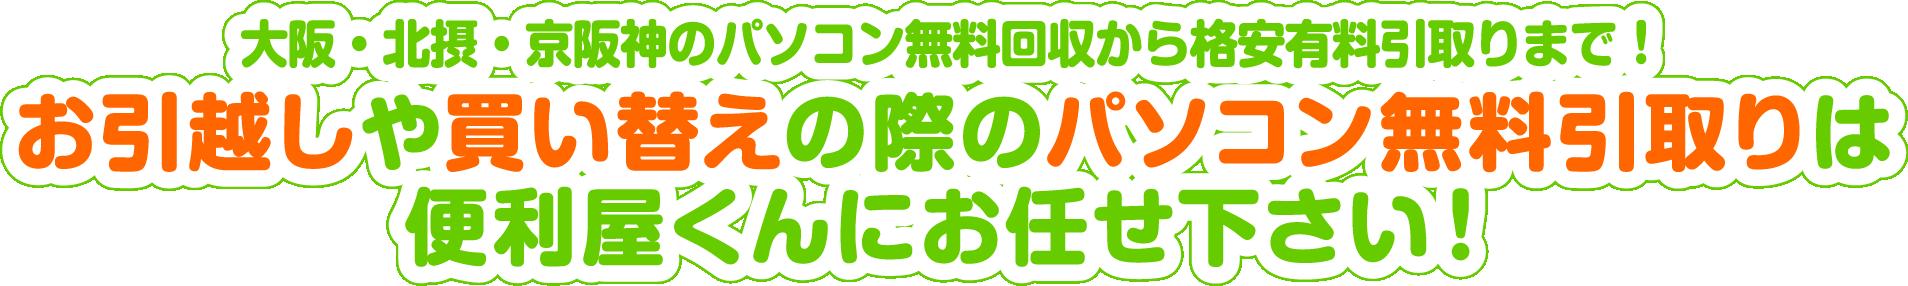 大阪・北摂・京阪神のパソコン無料回収を致します